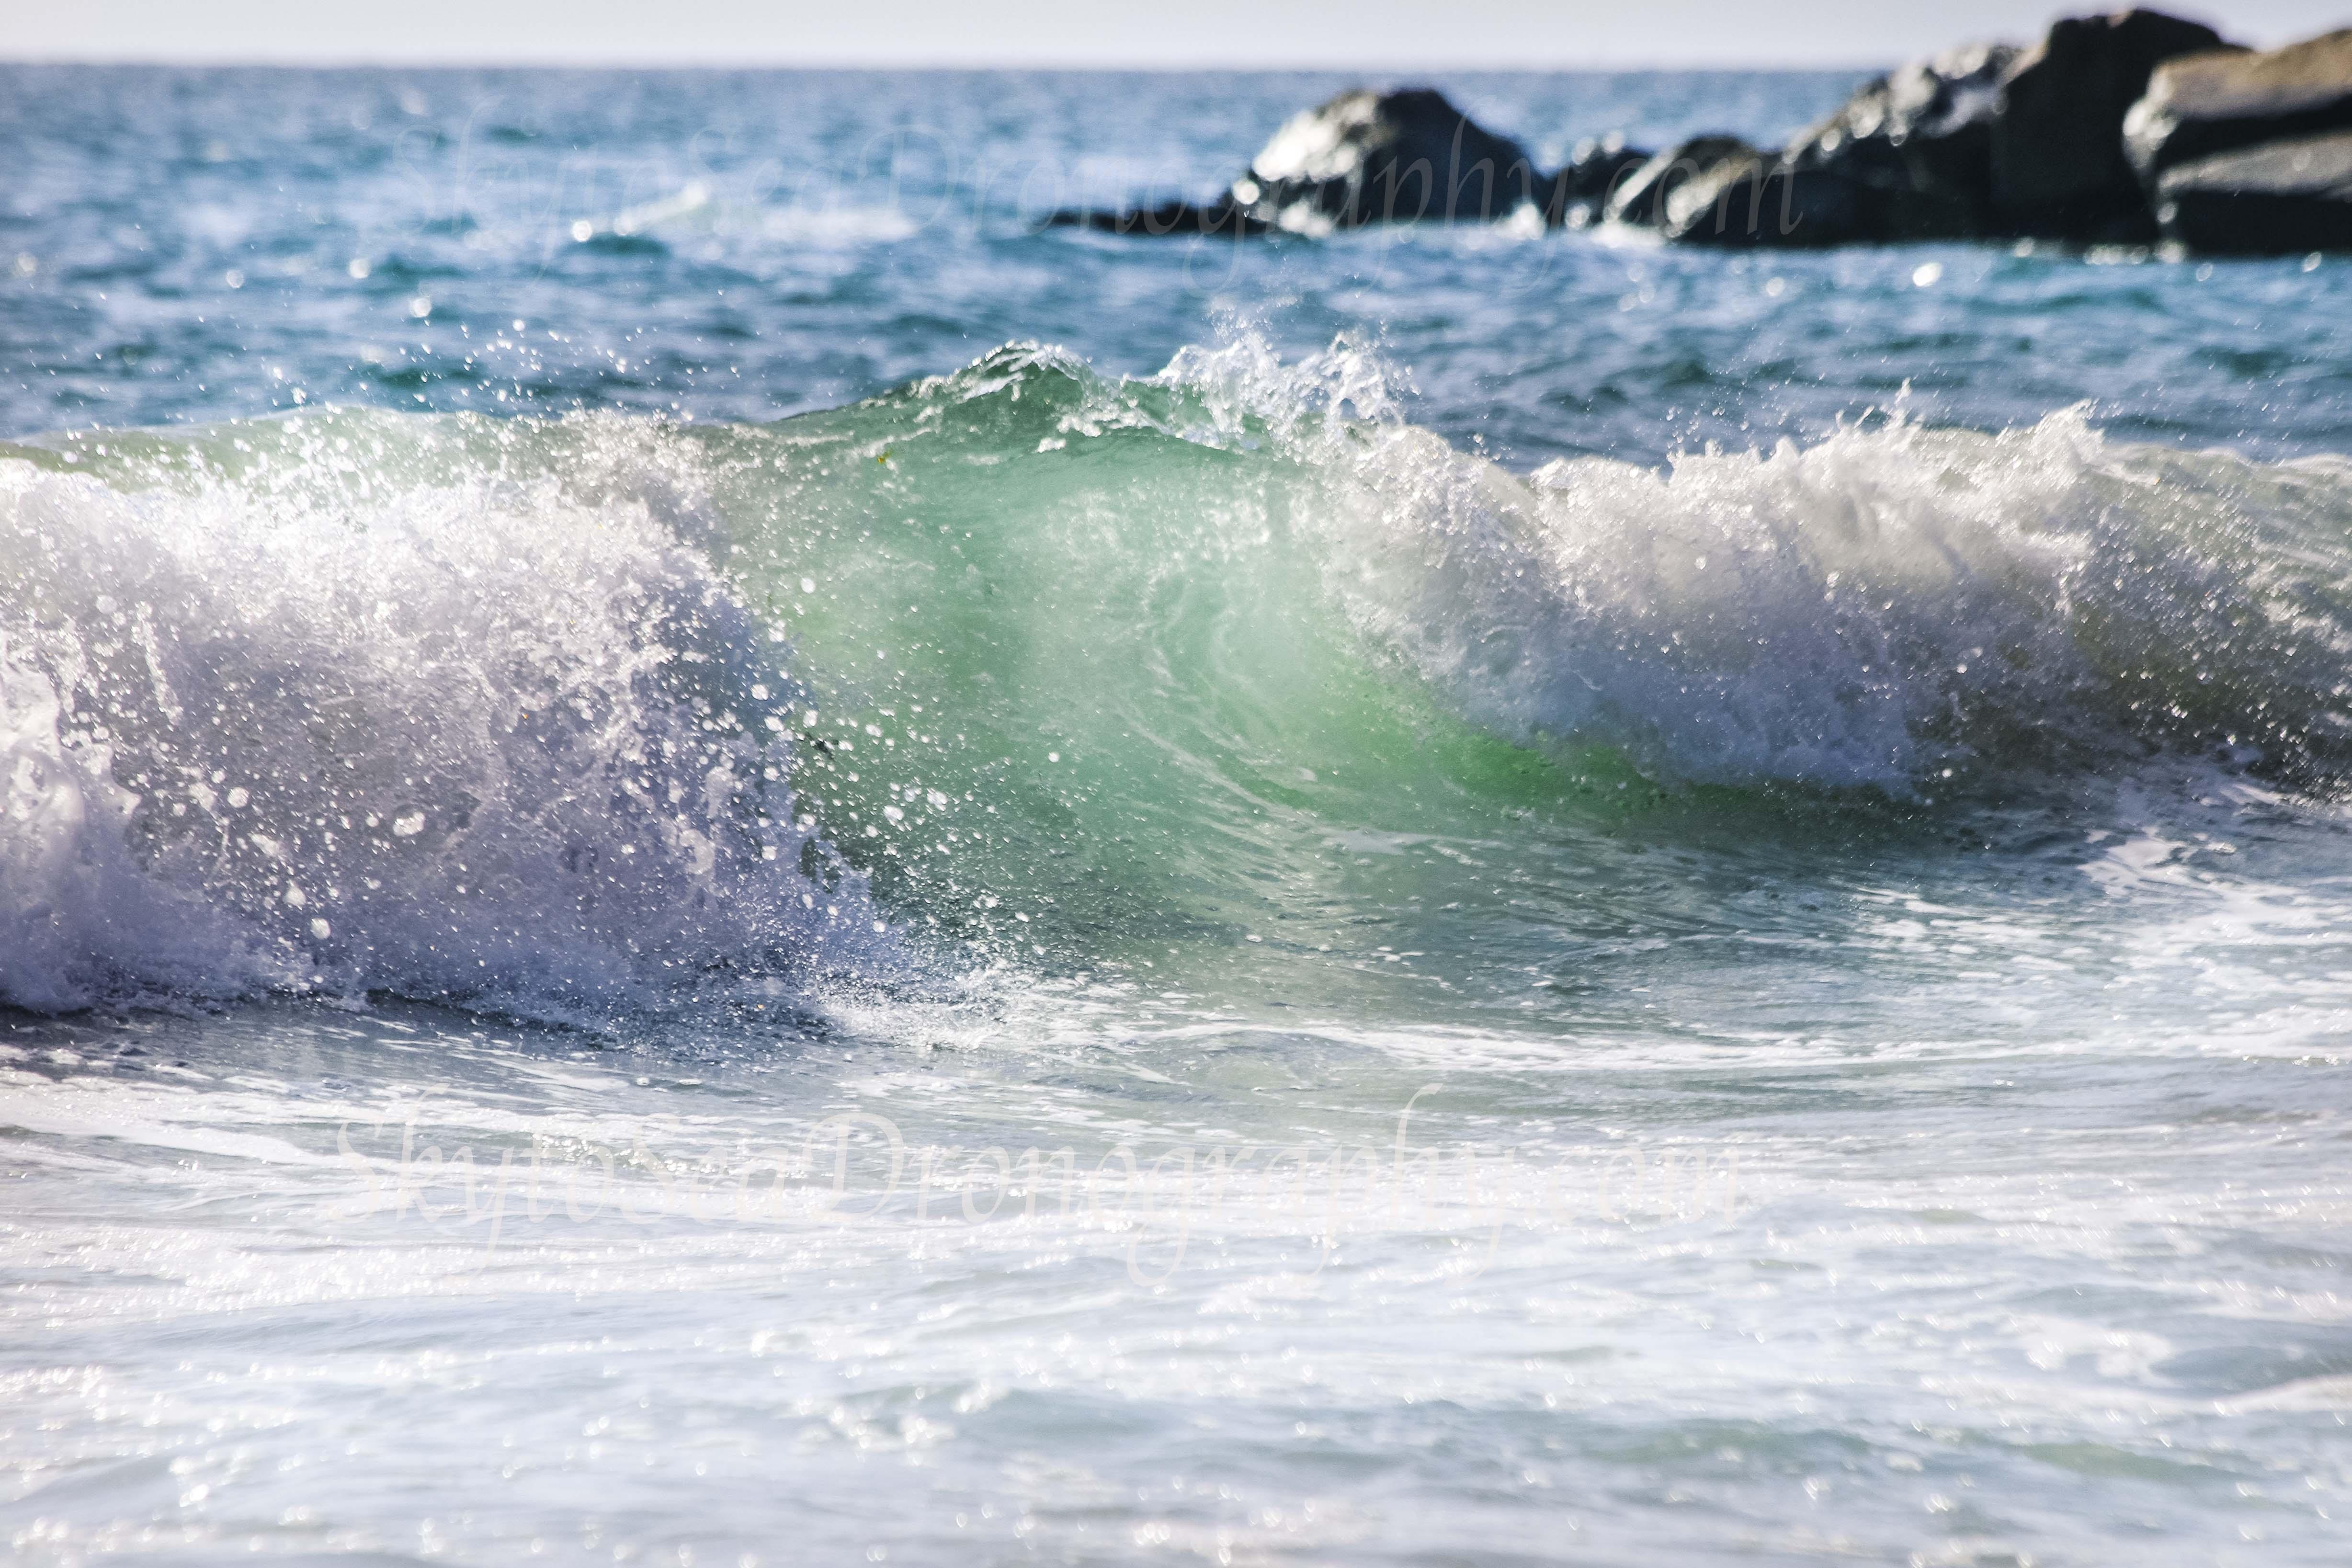 litle wave Wm